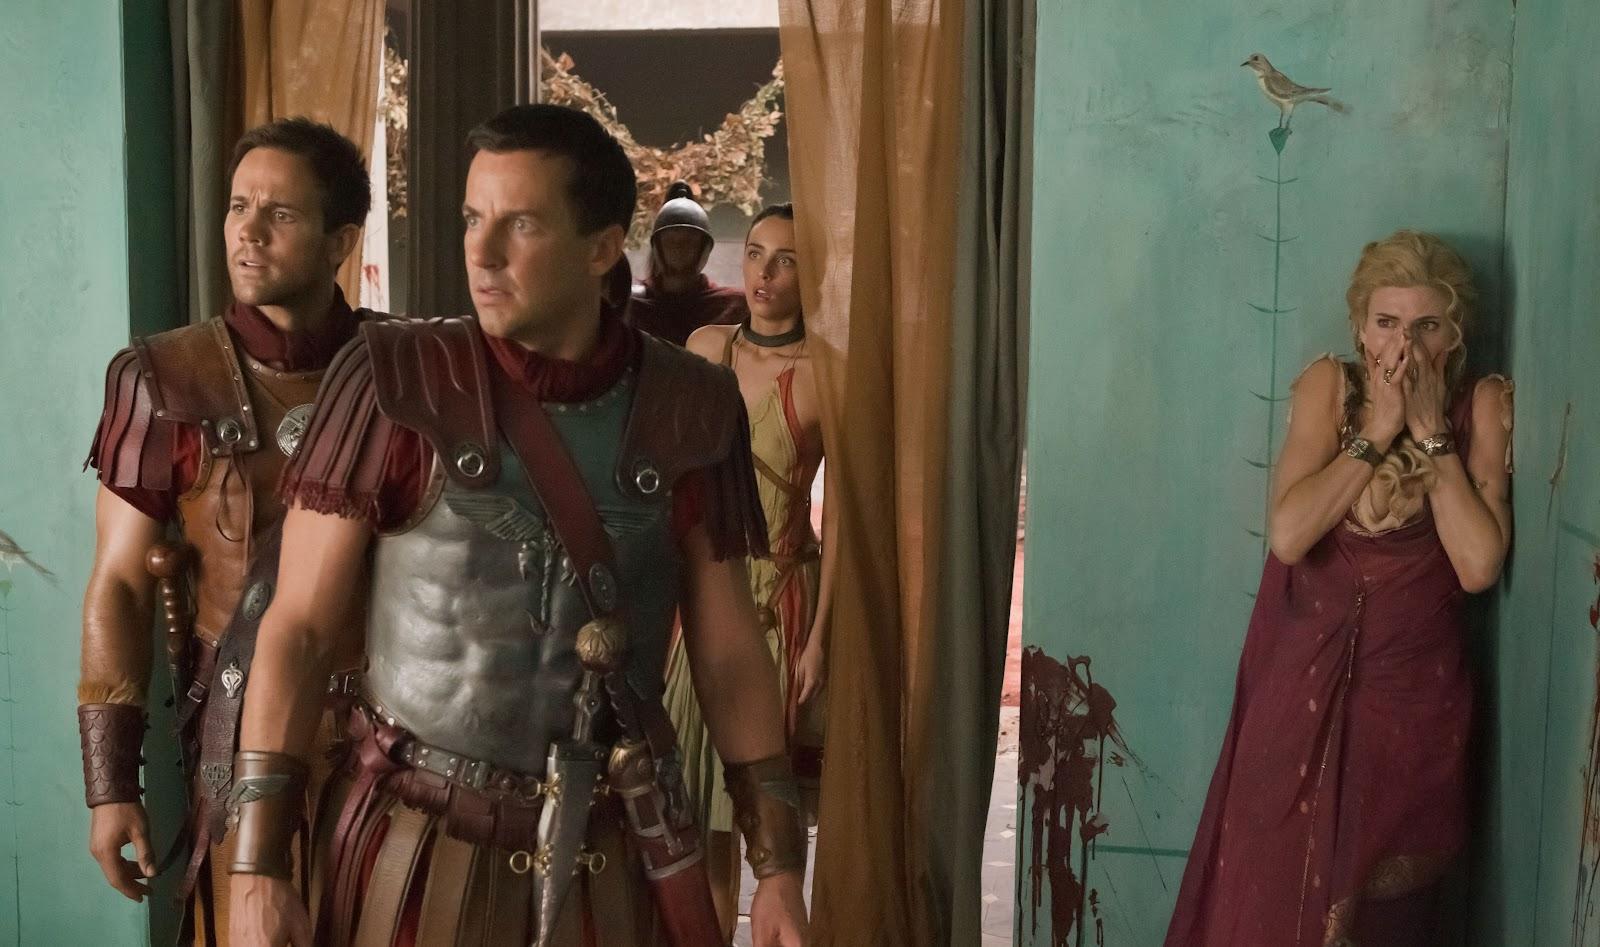 meleg spartacus szex jelenet forró apró tini pornó